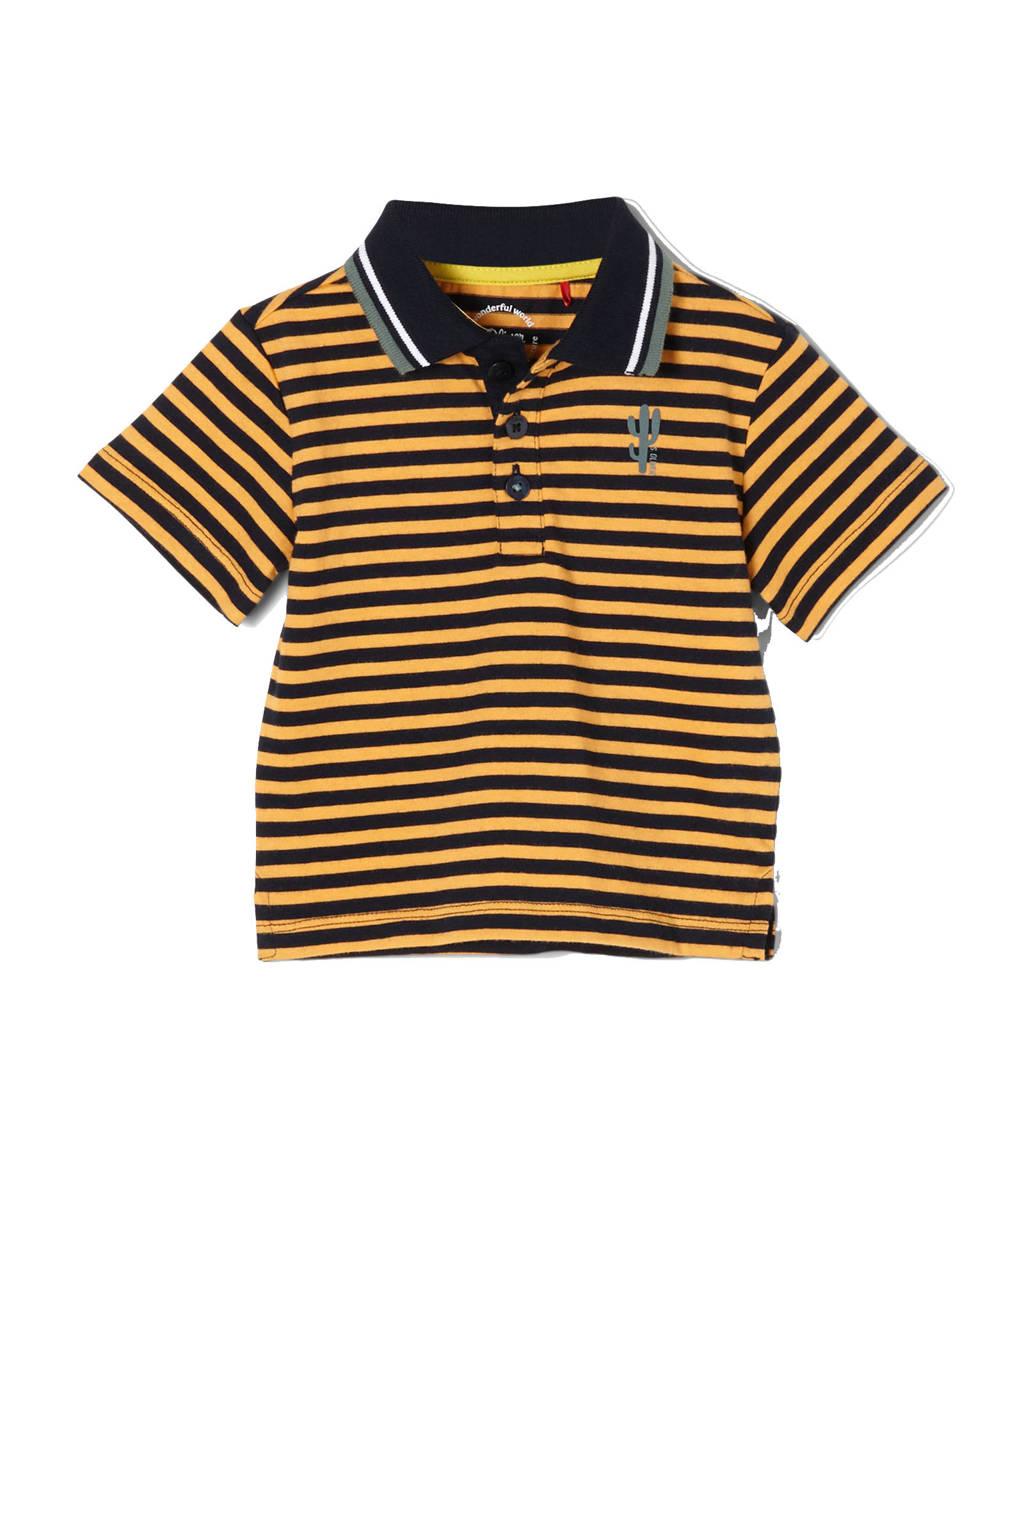 s.Oliver baby gestreepte polo oranje/zwart, Oranje/zwart